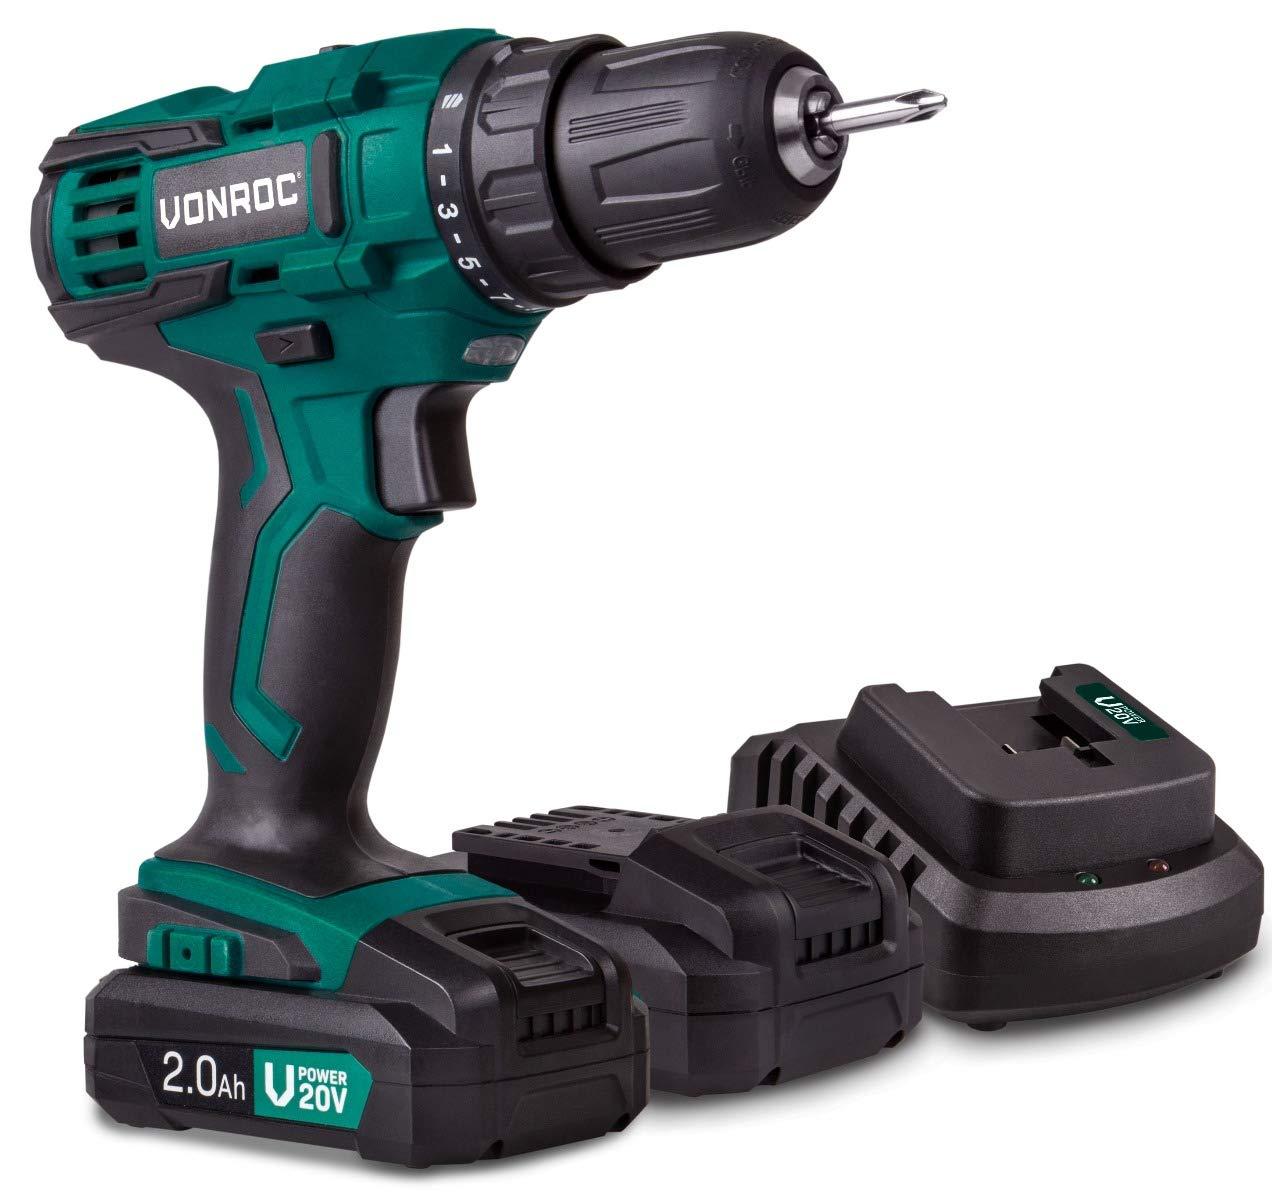 Incluye puntas y bolsa de almacenamiento VONROC No incluye bater/ía ni cargador Taladro inal/ámbrico VPower 20V